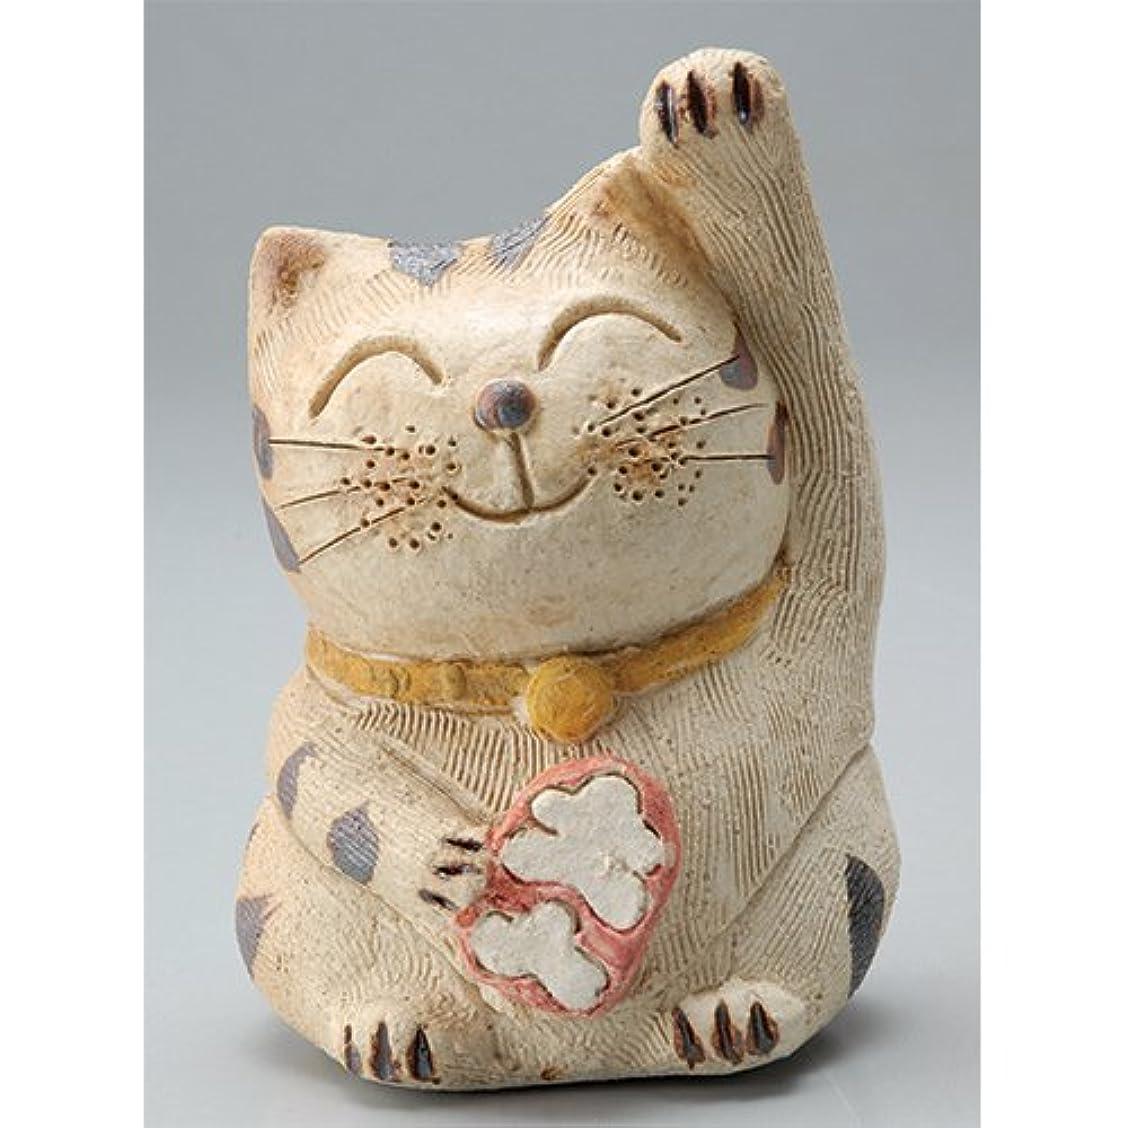 を通して大臣フェローシップ香炉 微笑み招き猫(人招き)香炉(中) [H14cm] HANDMADE プレゼント ギフト 和食器 かわいい インテリア